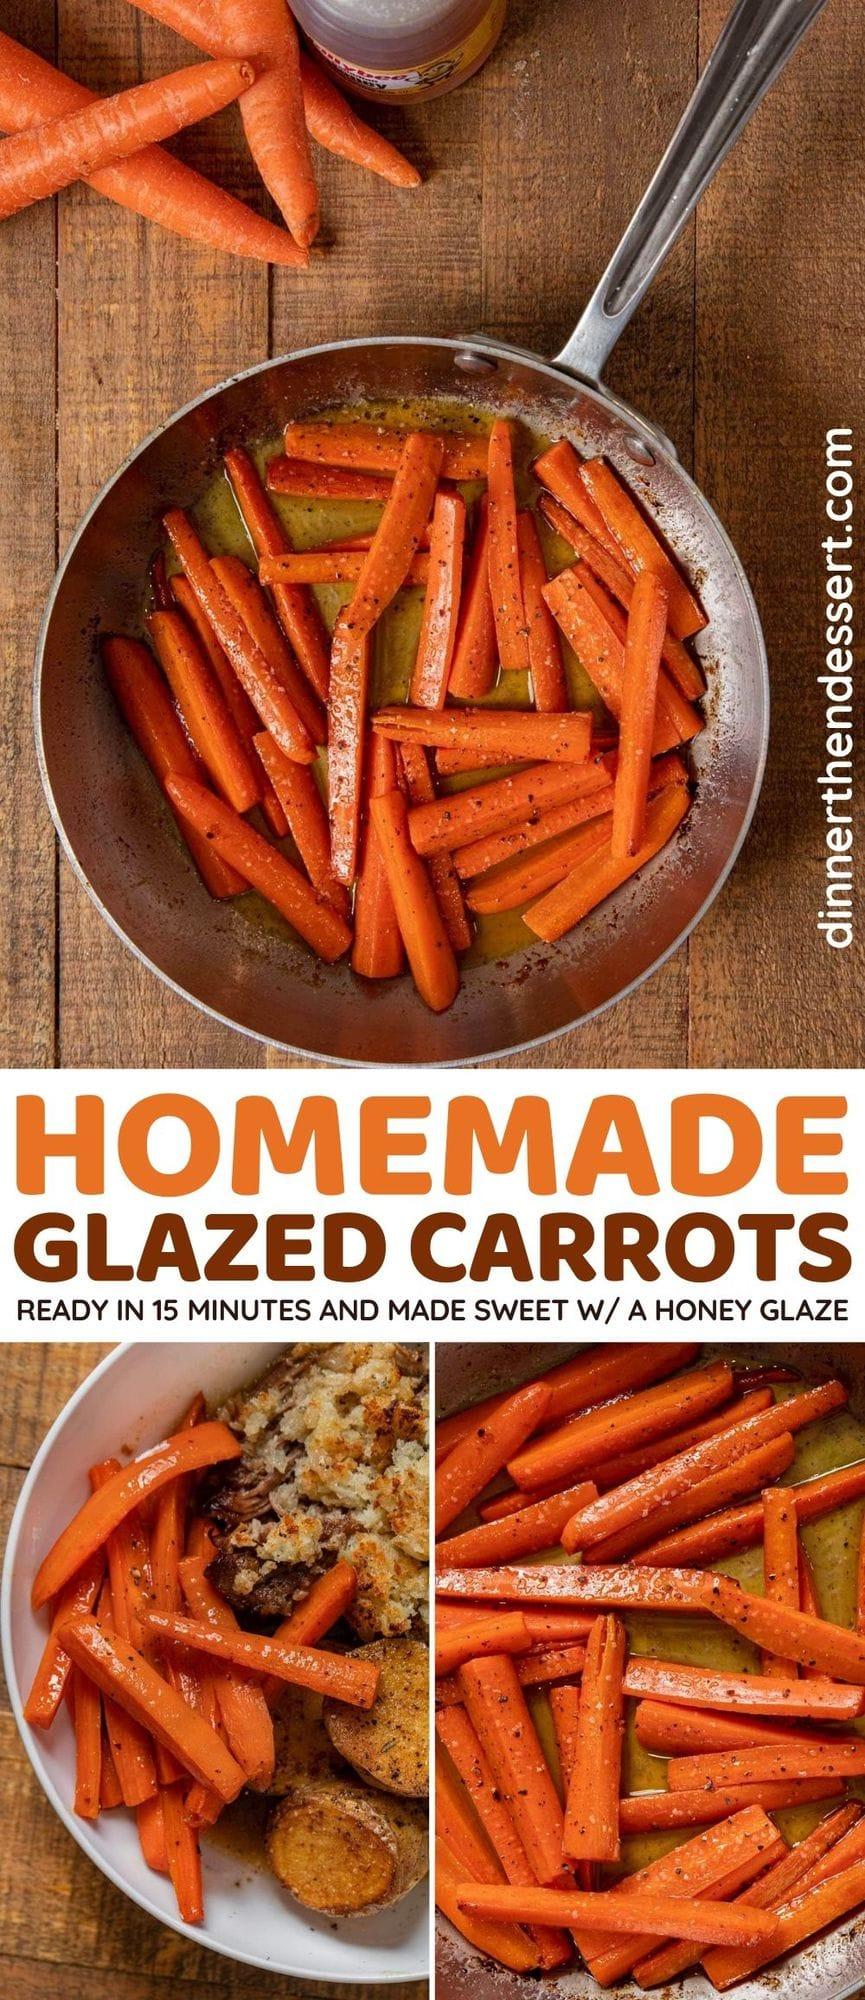 Homemade Glazed Carrots